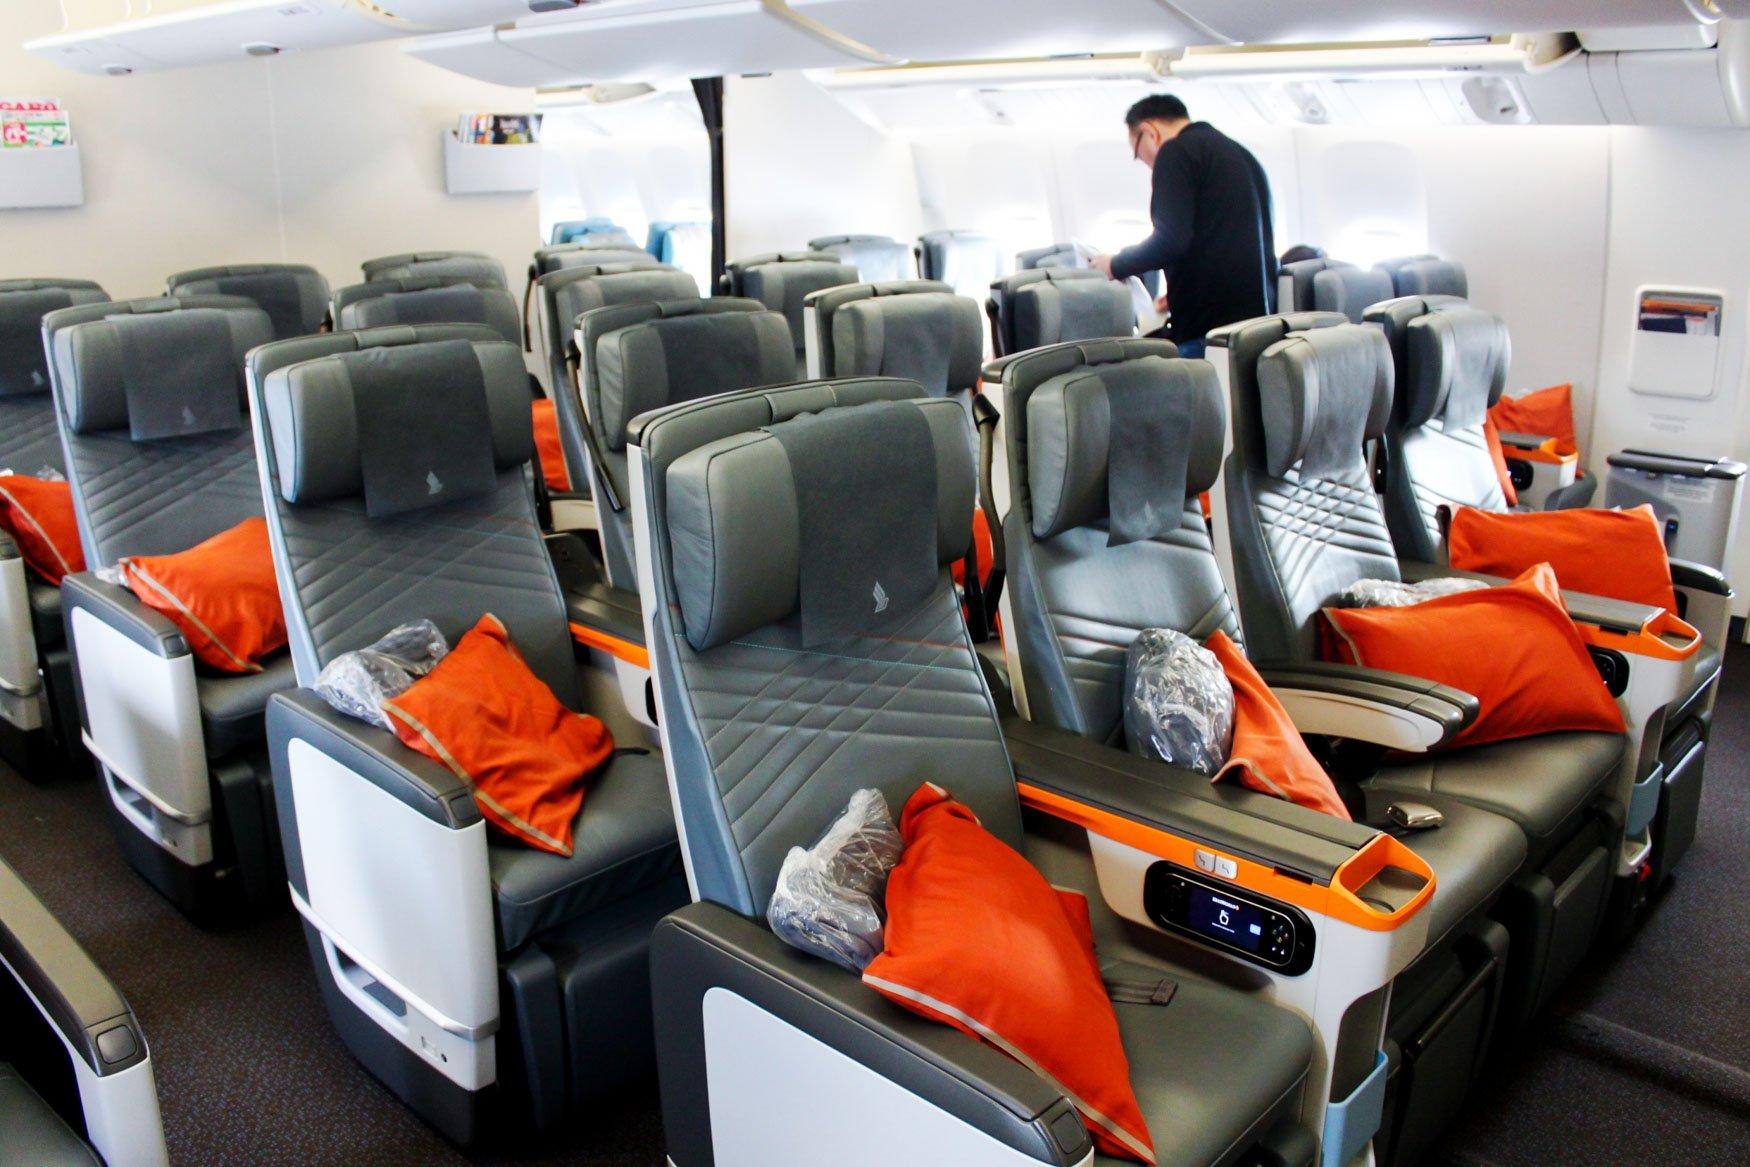 Singapore Airlines 777-300ER Premium Economy Class